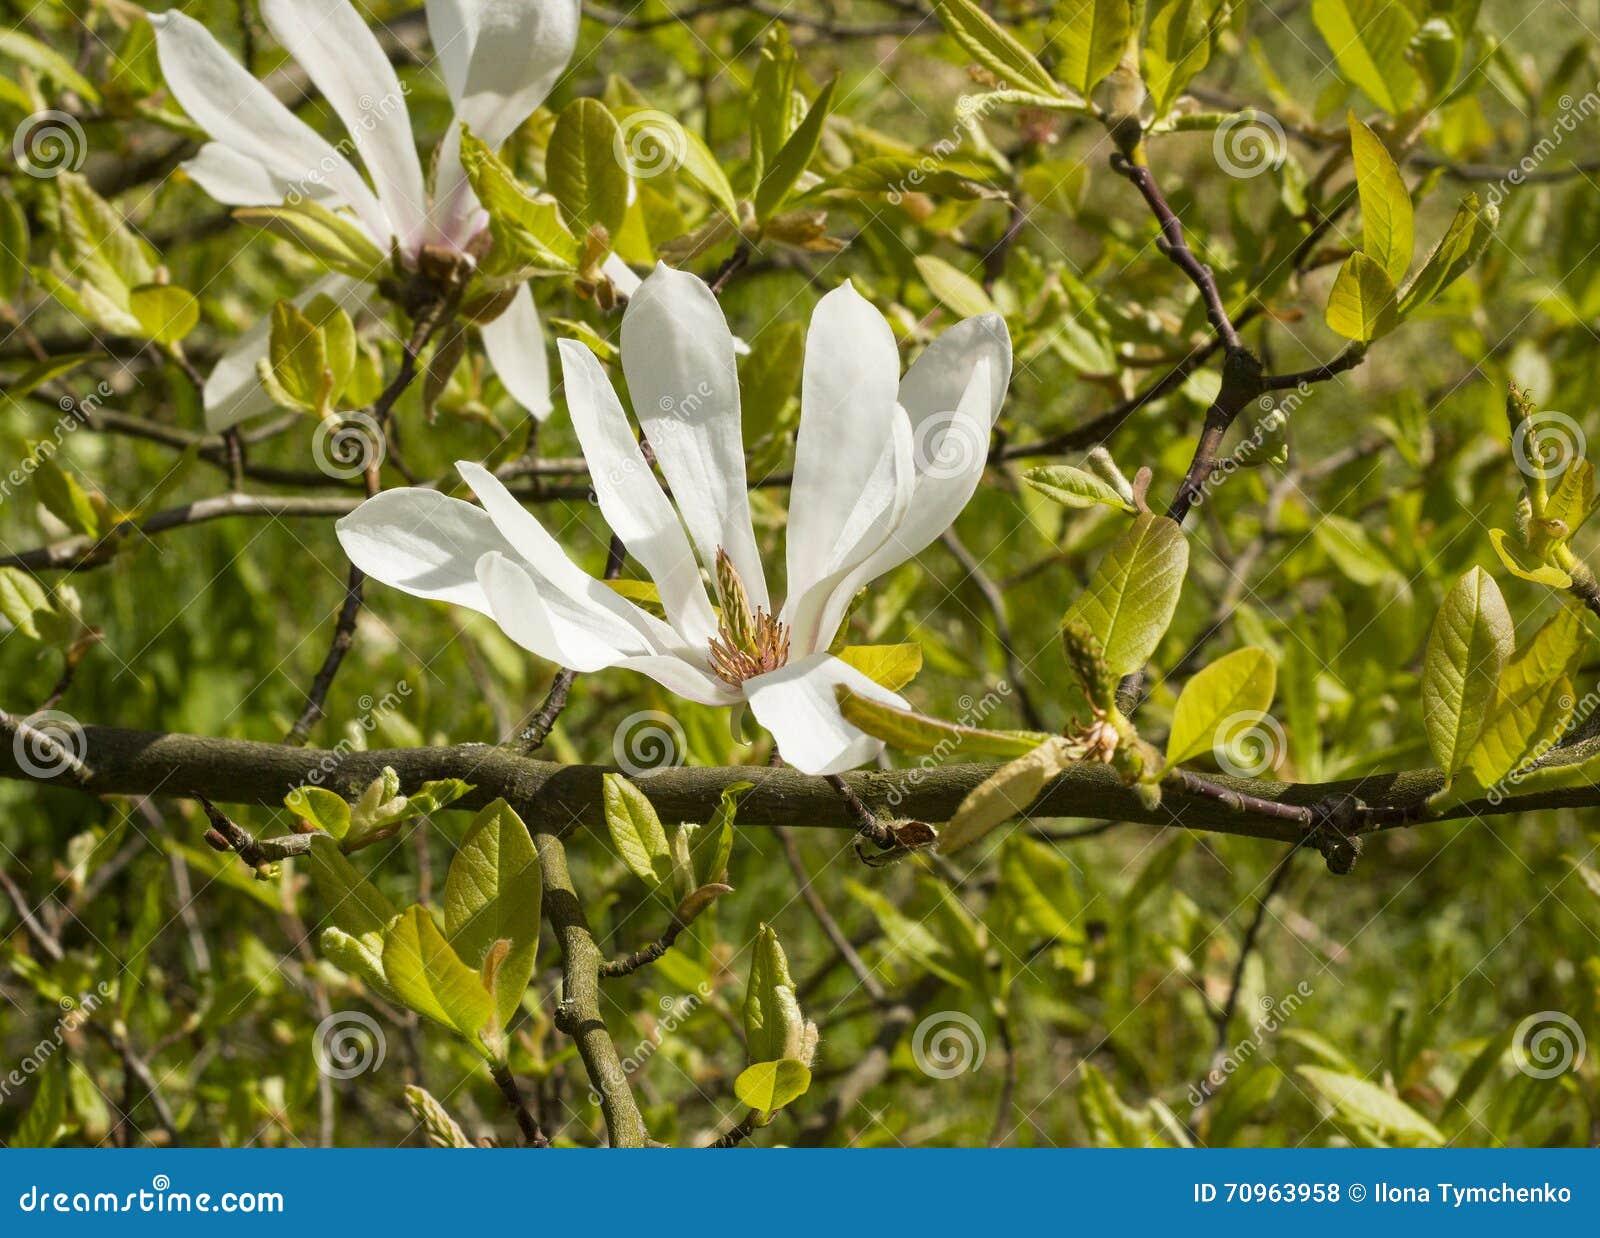 White flower magnolia Kobus